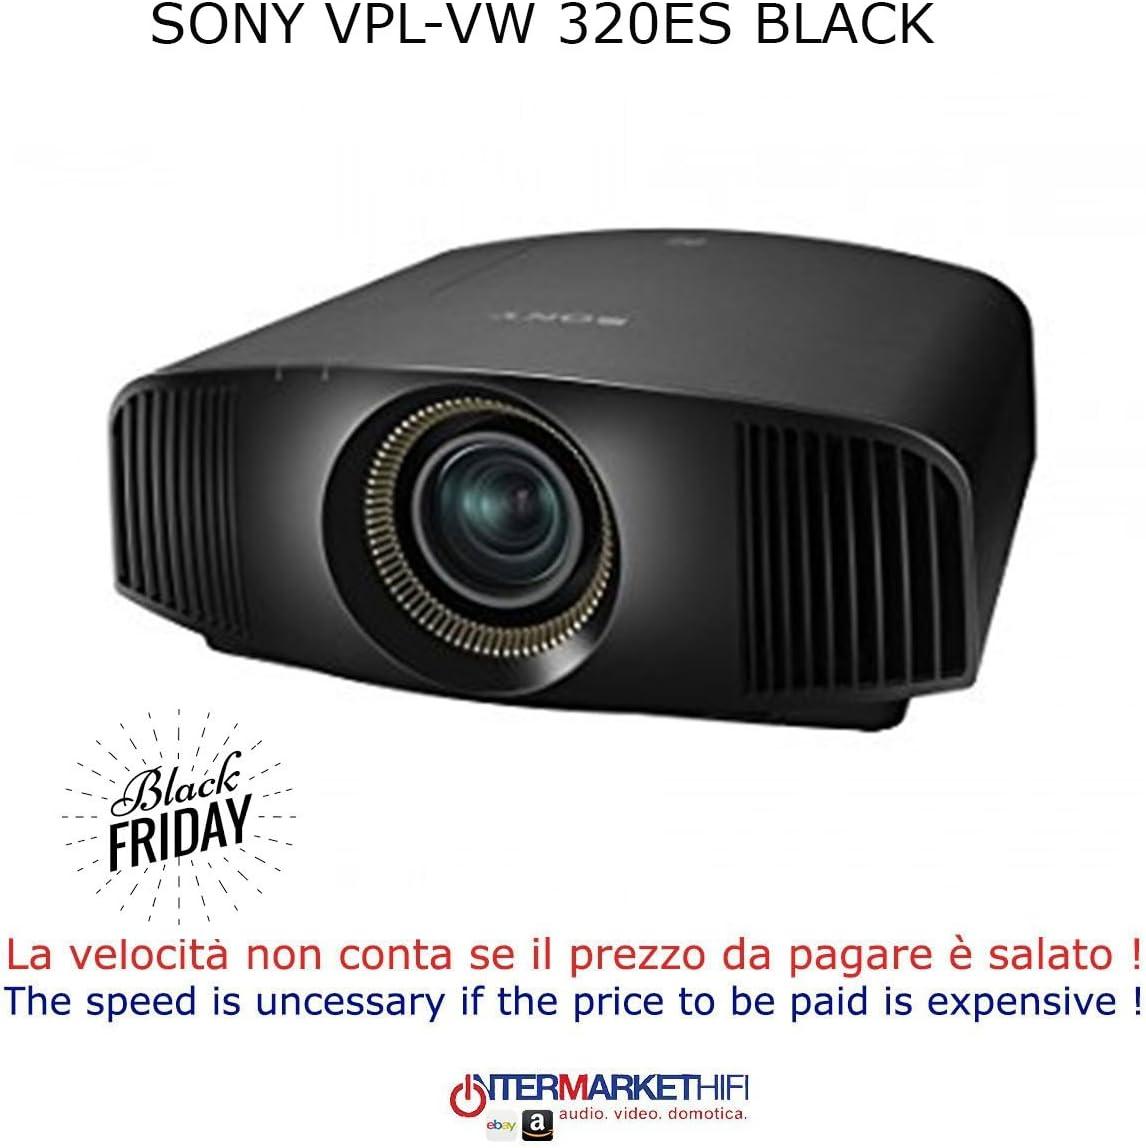 Sony vpl-vw 320es Black Videoproyector: Amazon.es: Electrónica